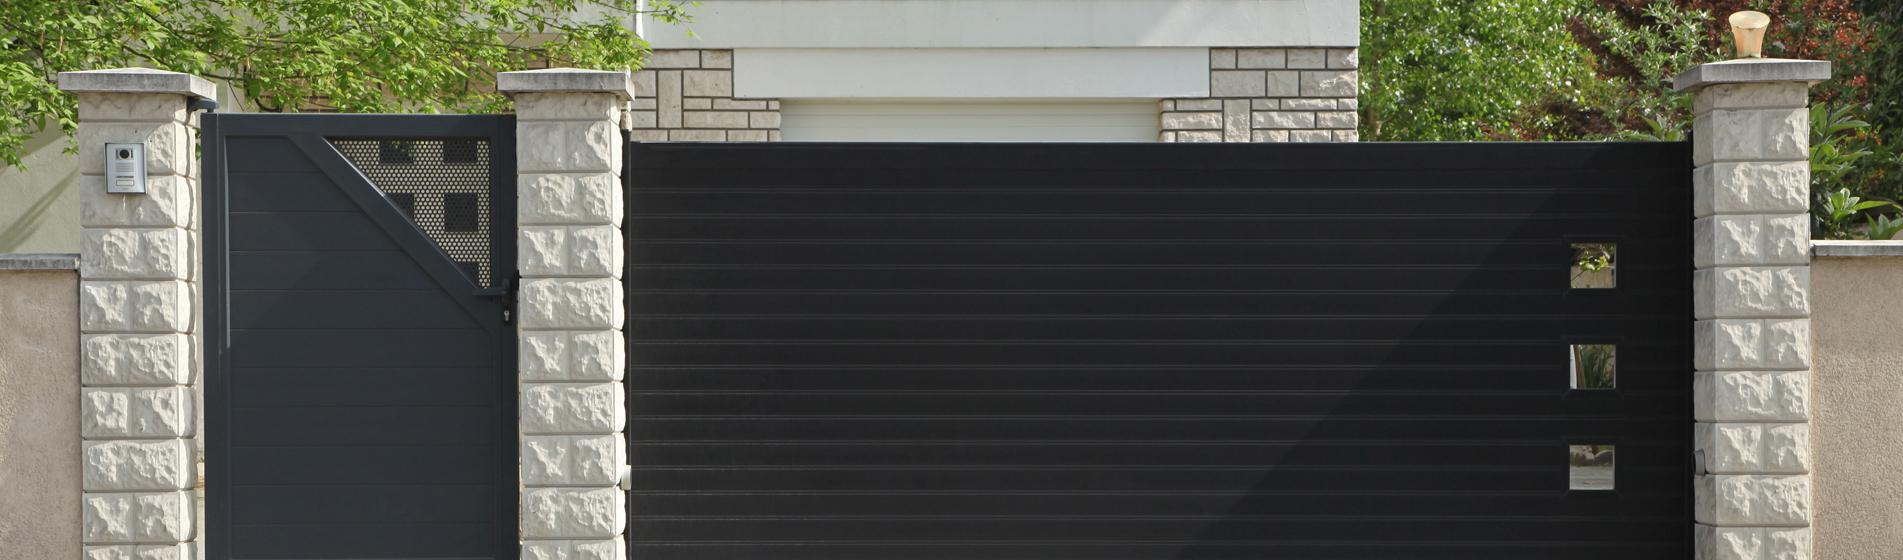 portail coulissant avec portillon 84 Vaucluse